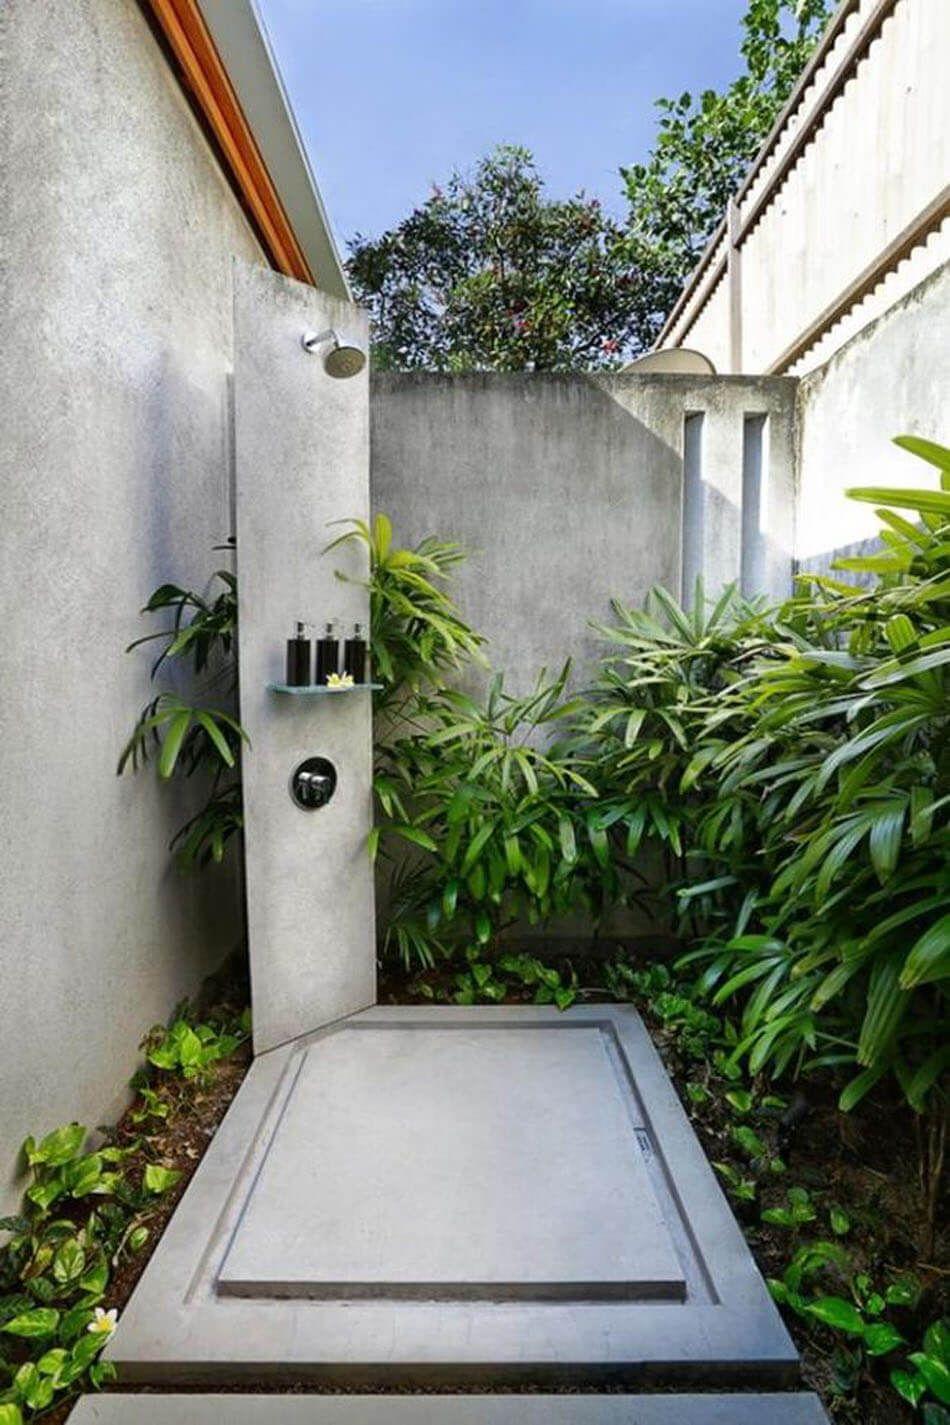 15 exemples de douche ext rieure pour nous prot ger agr ablement contre la canicule piscine. Black Bedroom Furniture Sets. Home Design Ideas